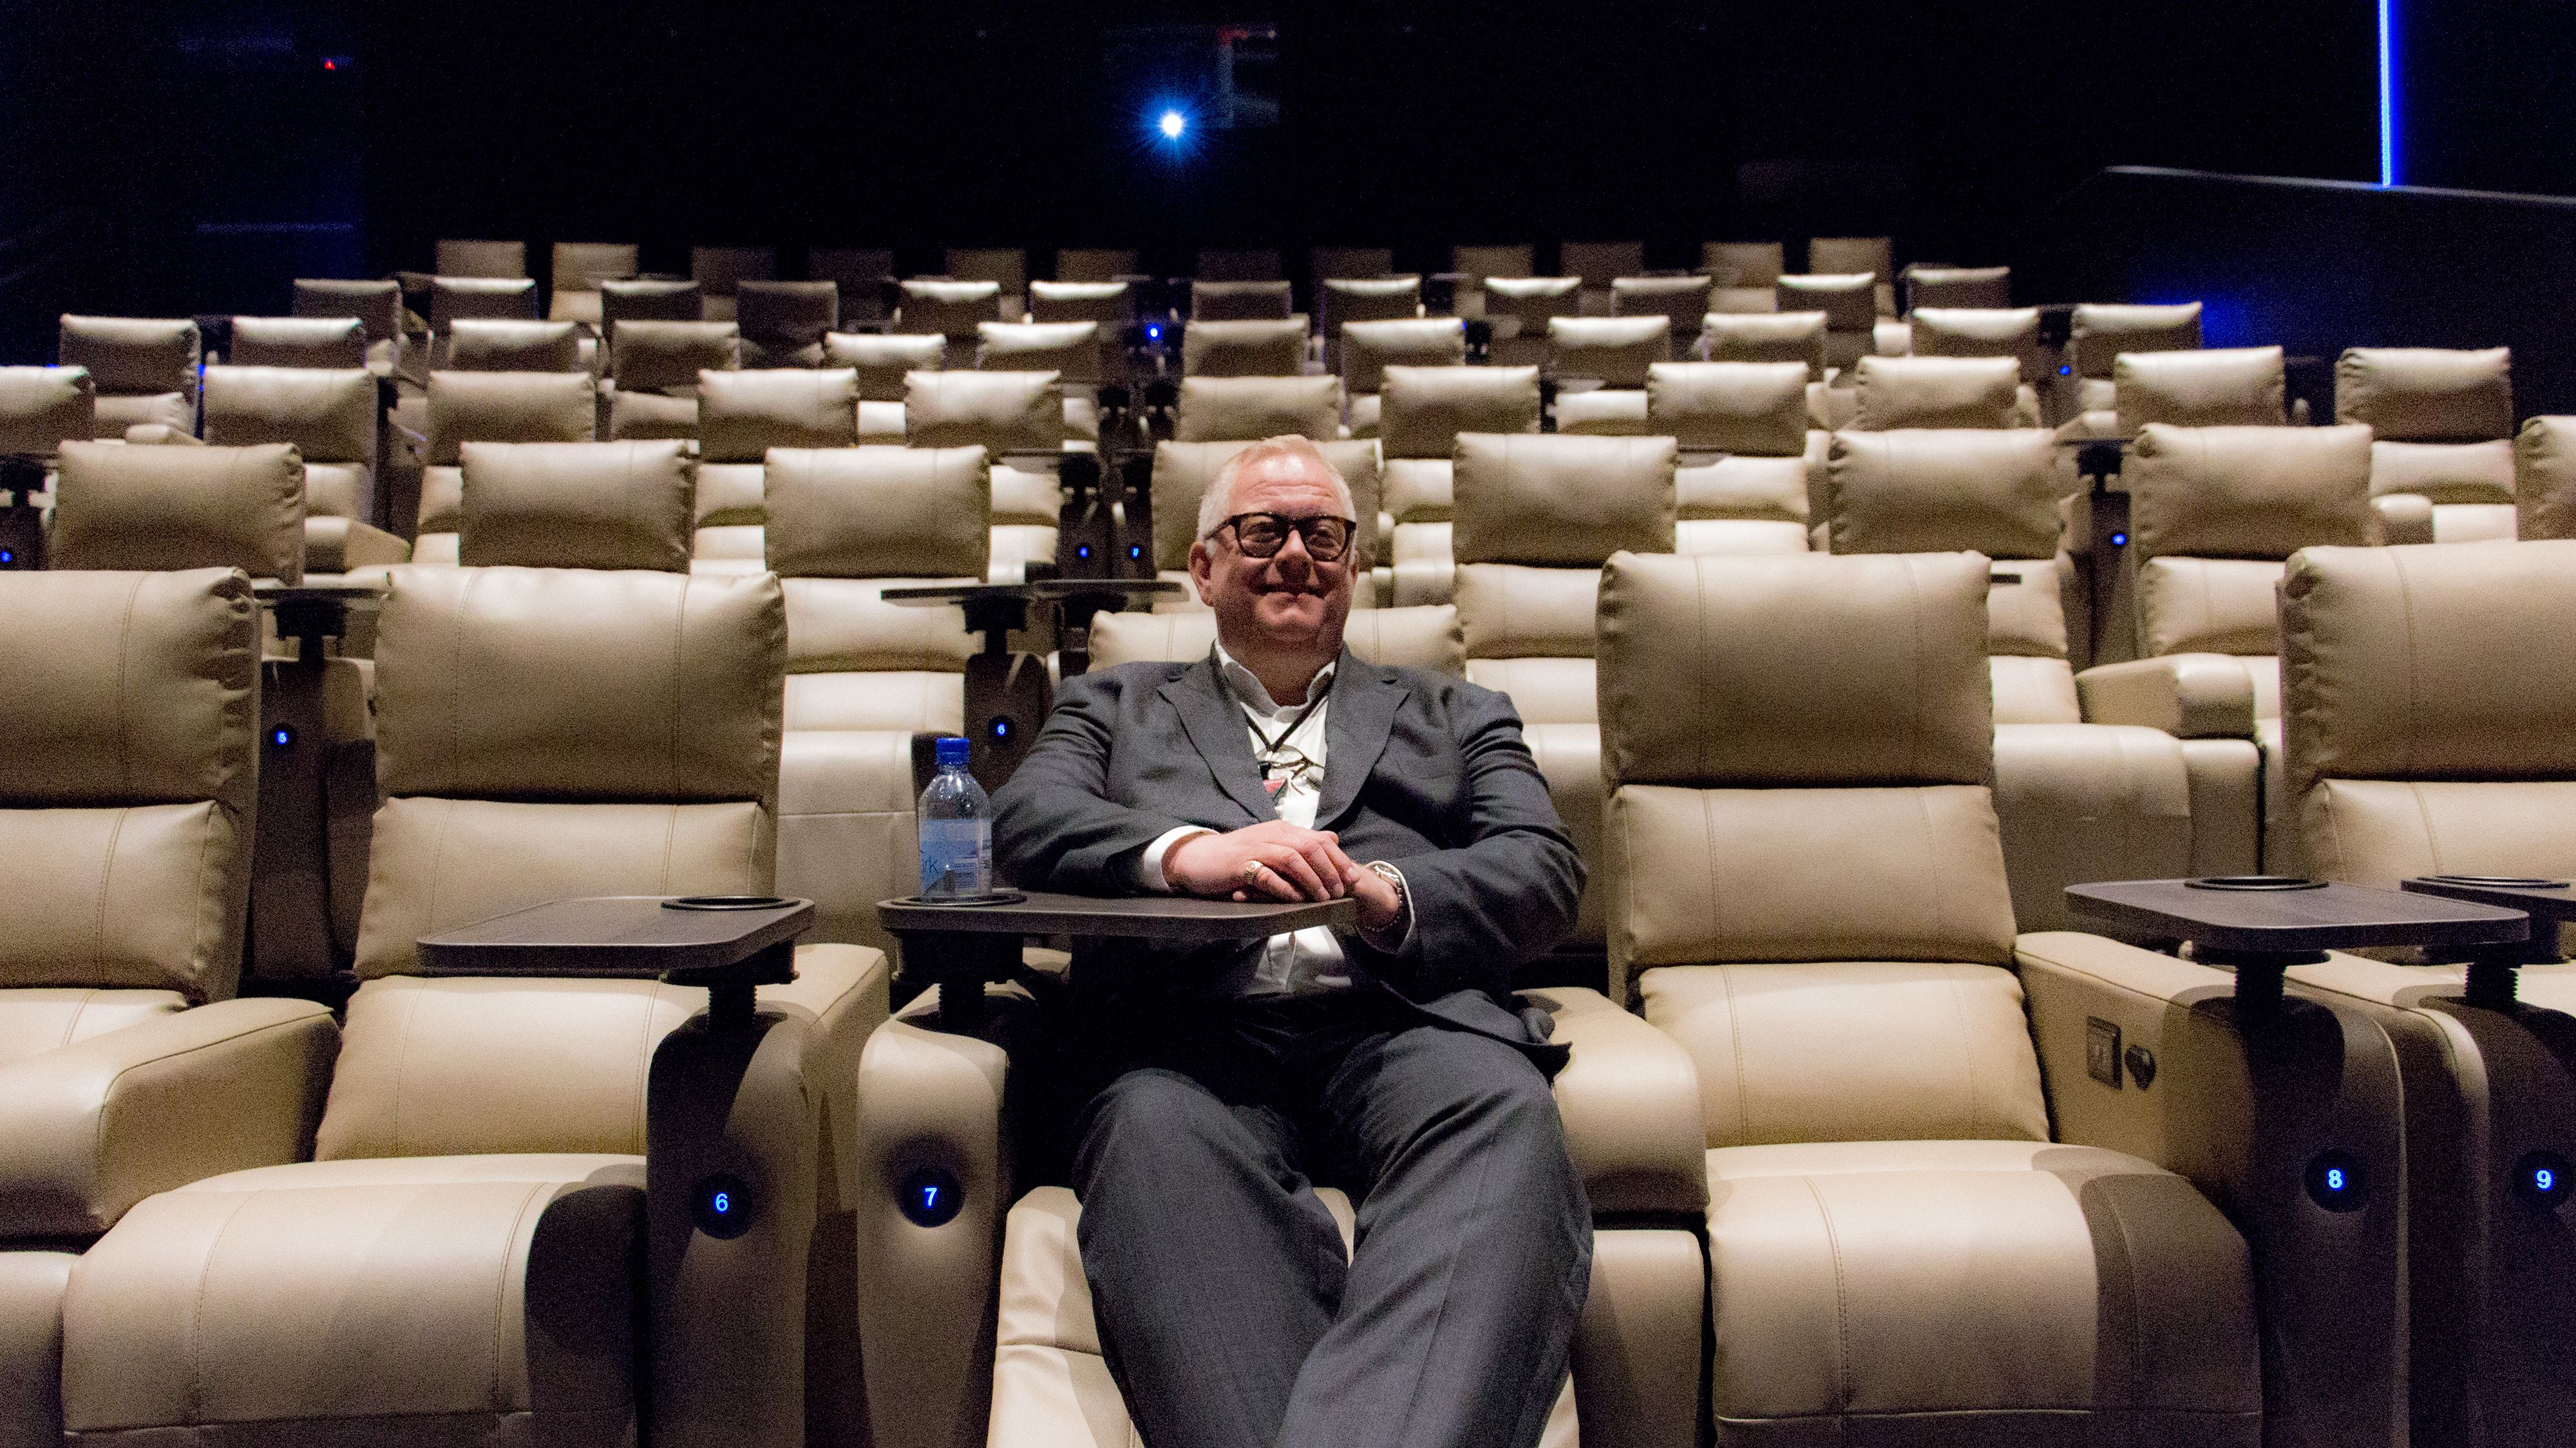 Kinosjef Halstvedt demonstrerer lenestolene i Luxe-salen, som har høy komfort, lademuligheter for mobil og til og med varme i setene.